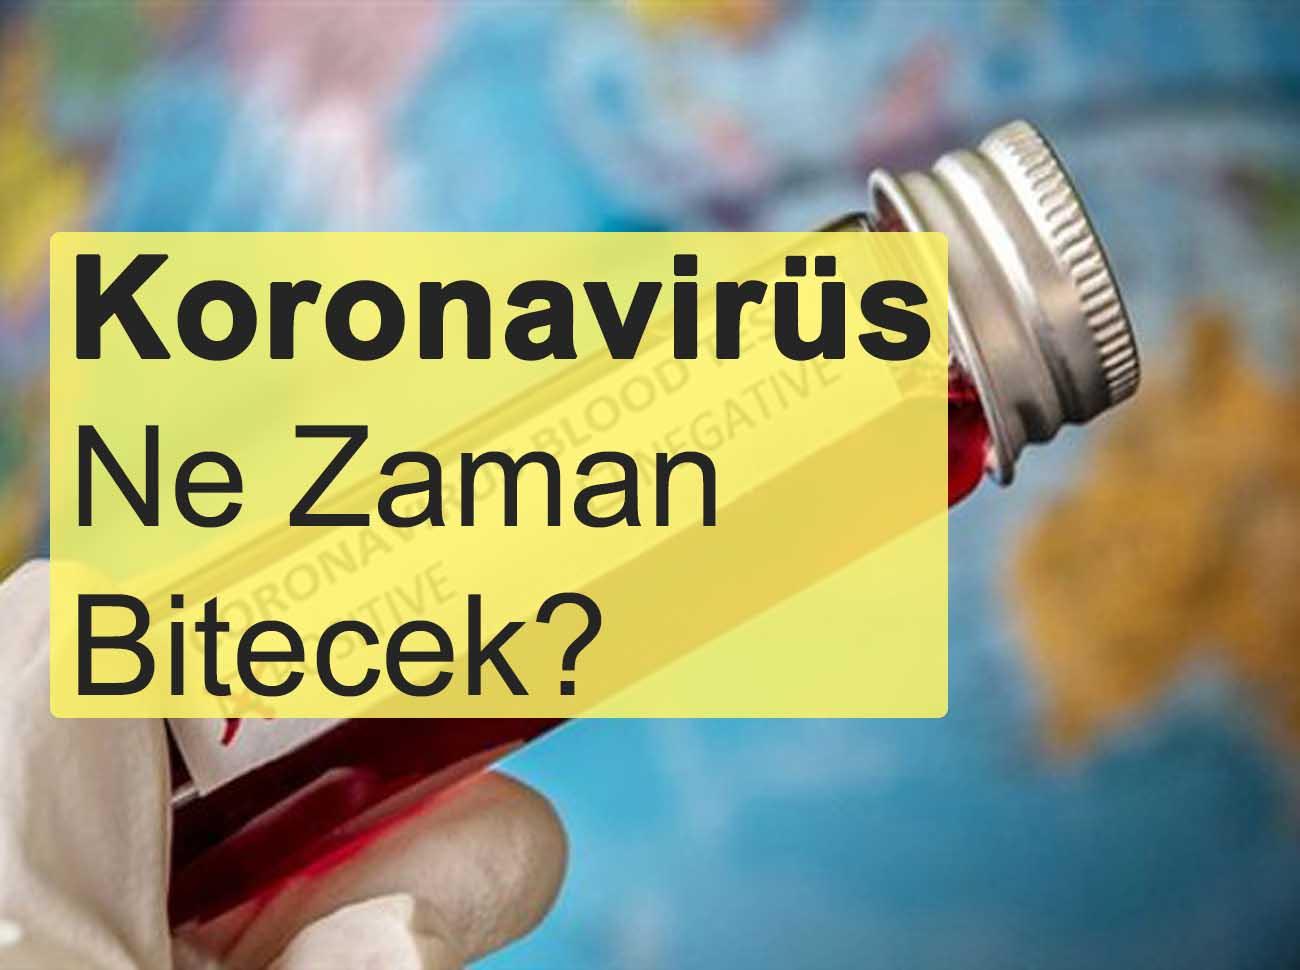 DSÖ Koronavirüs'ün Biteceği Tarihi Açıkladı